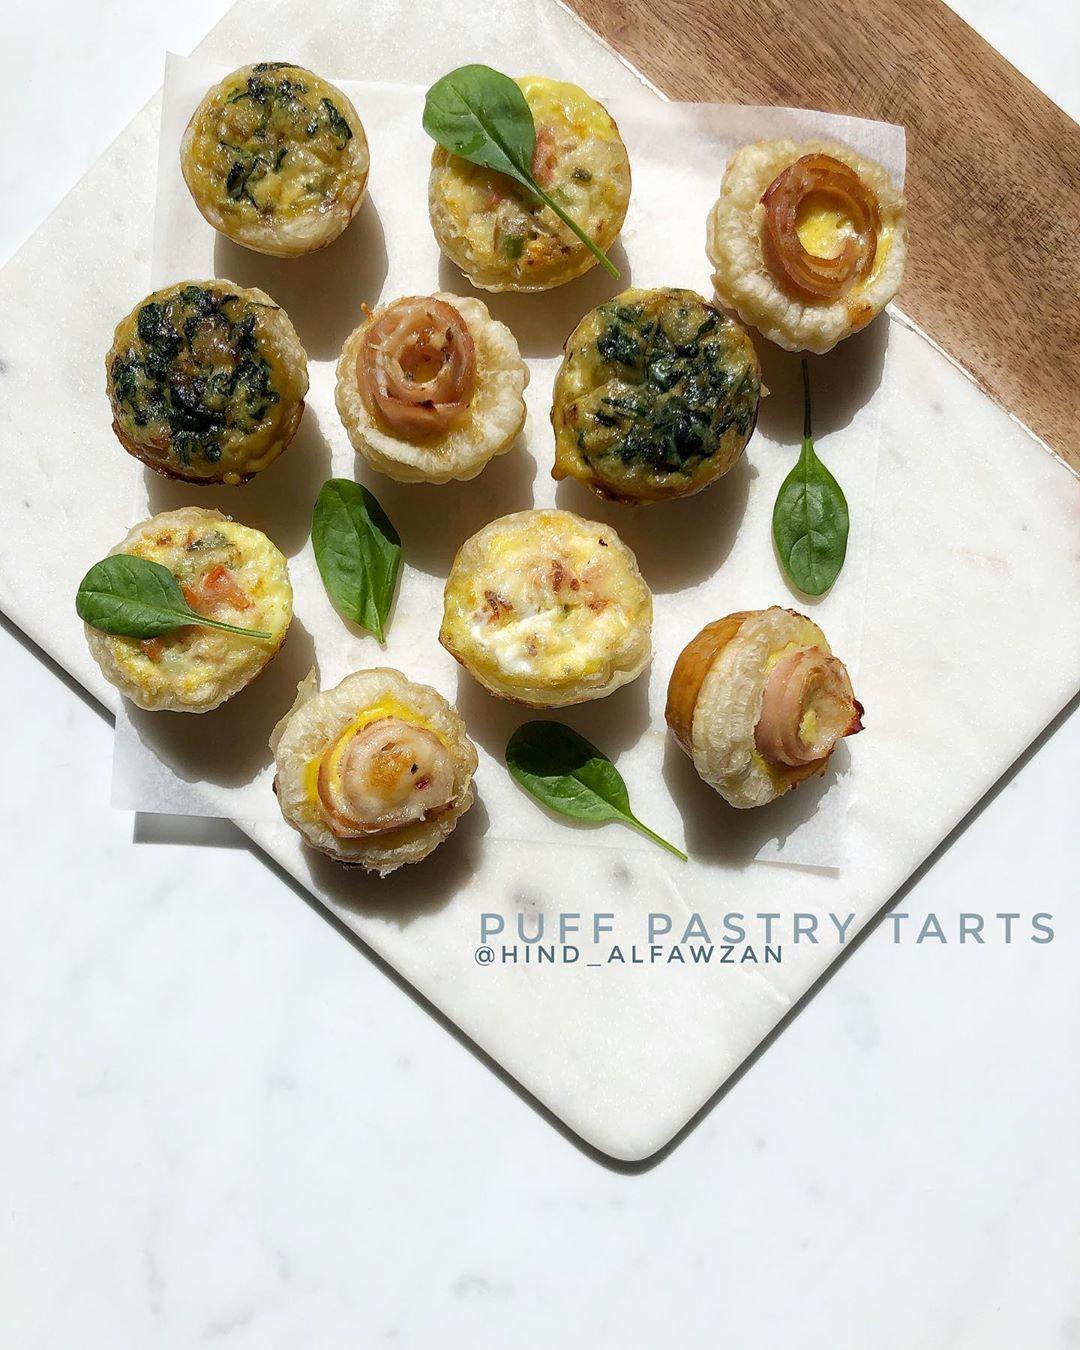 هند الفوزان On Instagram قوالب البف باستري المالحة بالخطوات التفصيلية على السناب Hind Alfawzan فكرة لذيذة لوجبة فطور متأخرة أو Recipes Food Breakfast